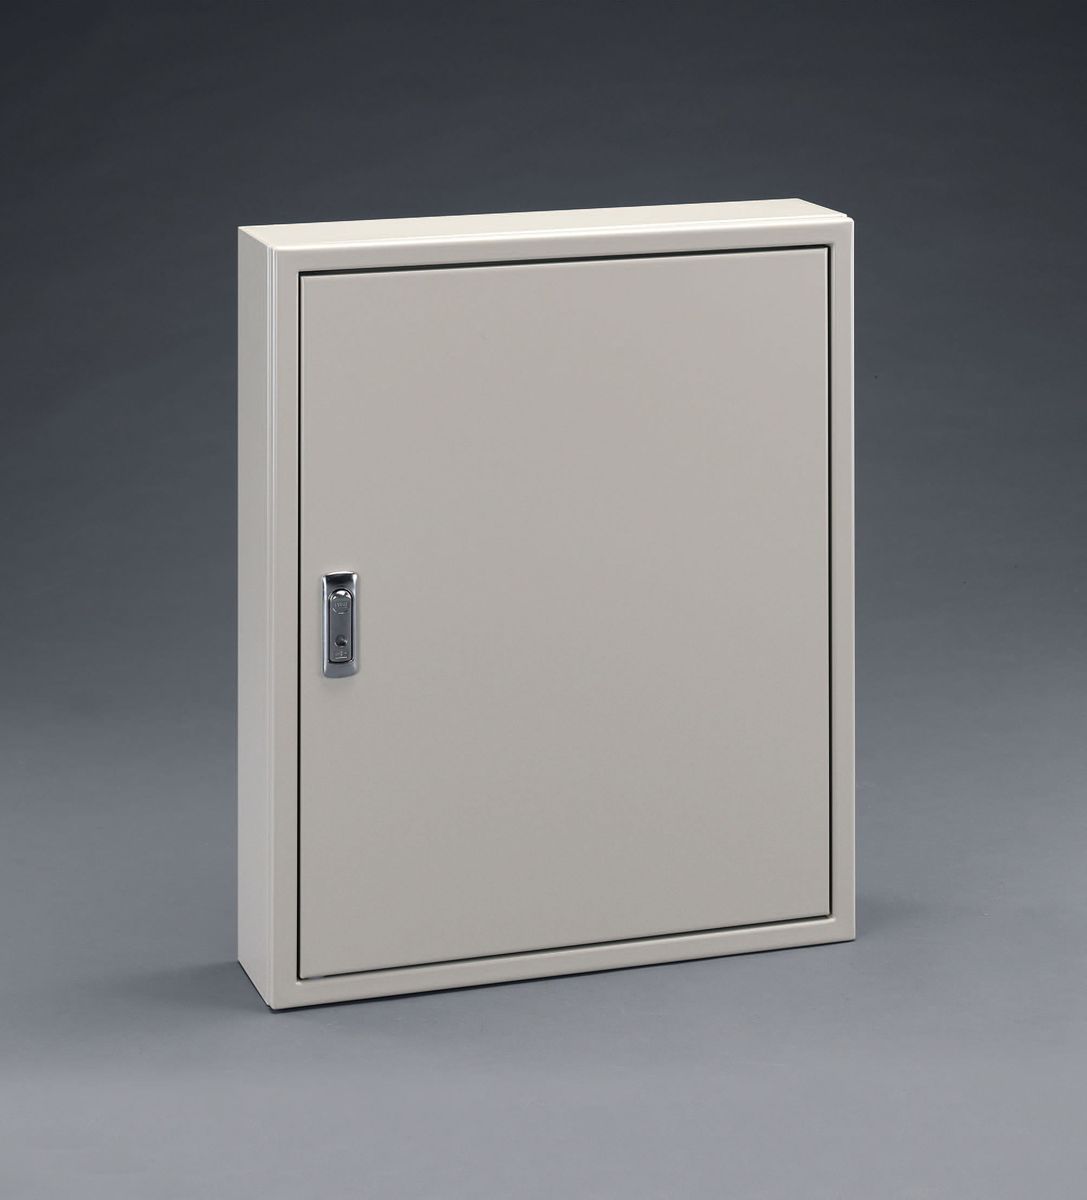 エスコ ESCO 600x160x700mm 盤用キャビネット 屋内用・片扉 000012242302 JP店